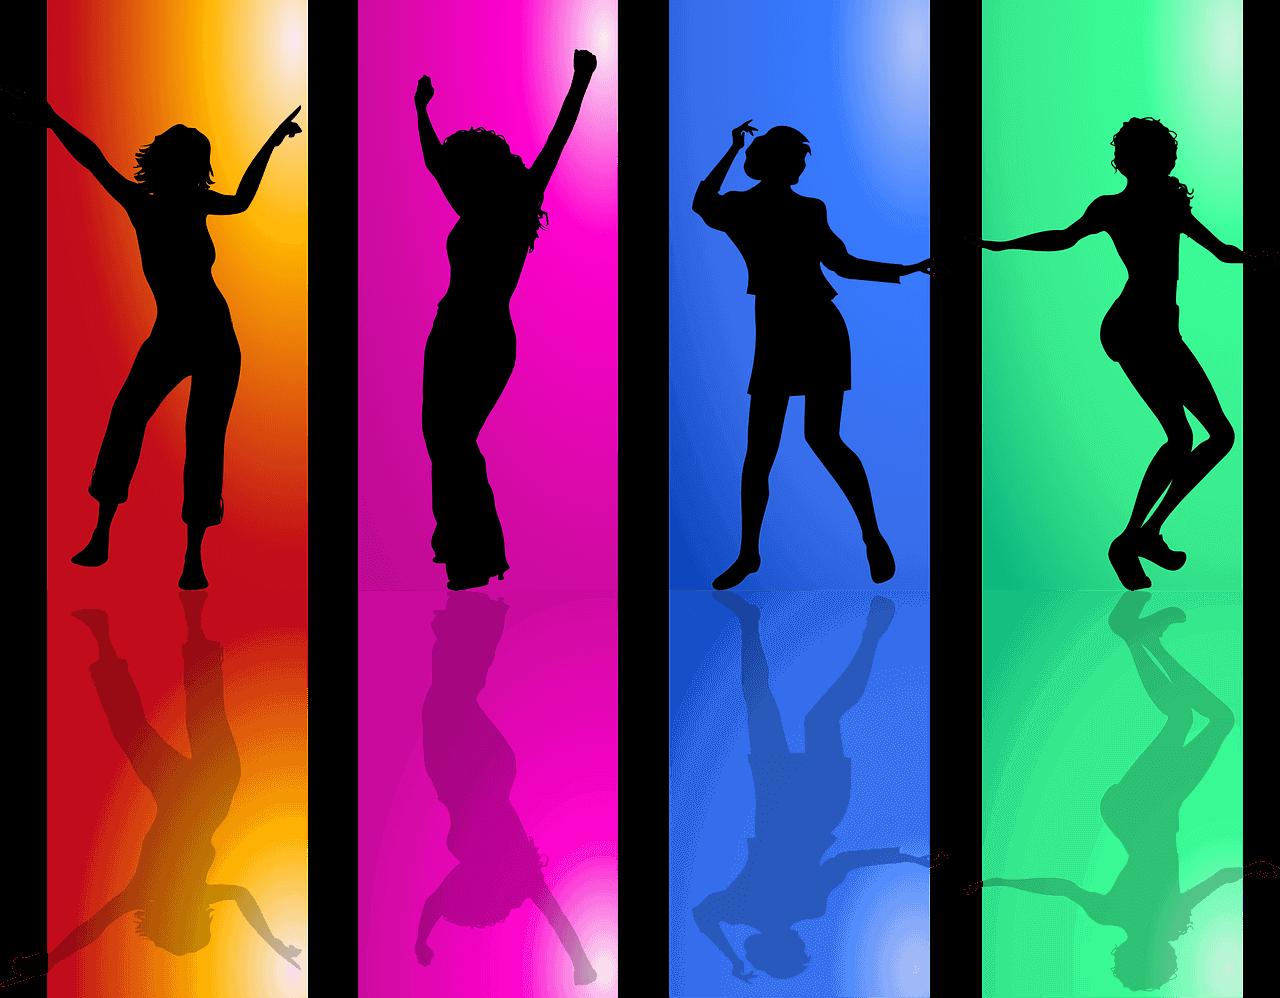 楽しくダンスを踊る人々のシルエット